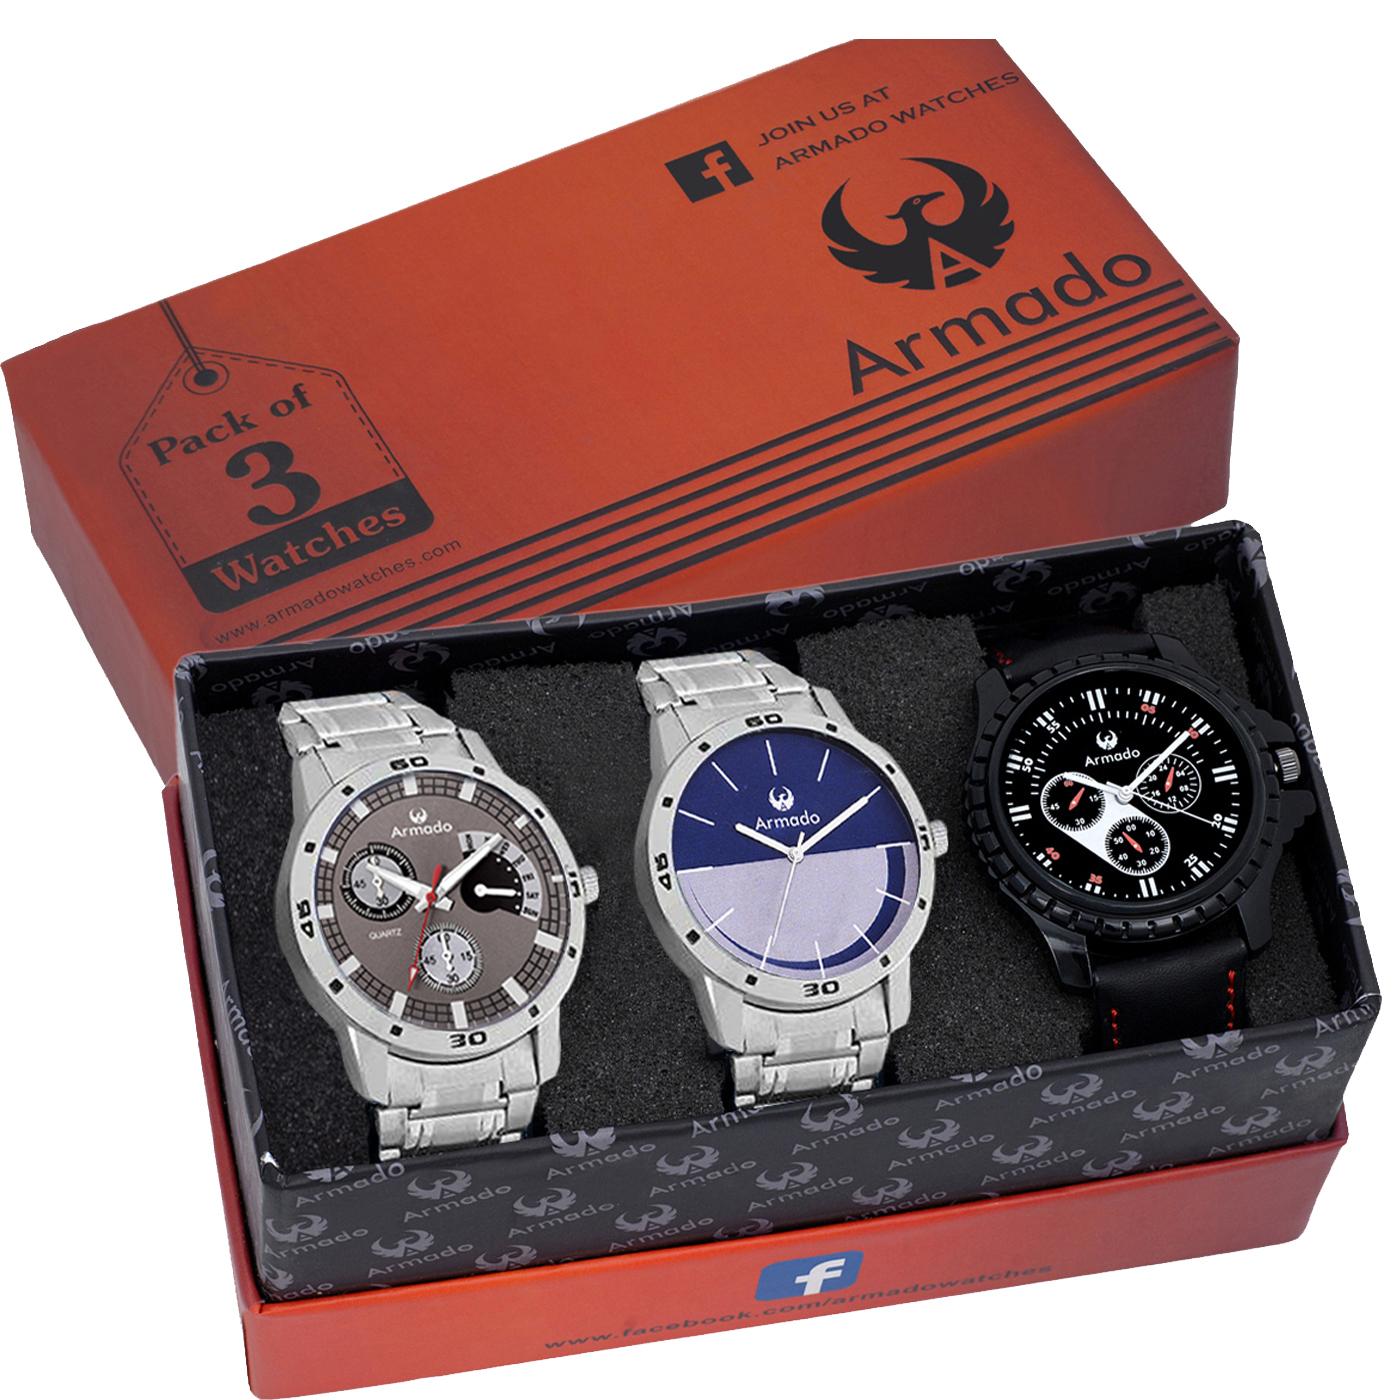 Armado AR 510071 GRY Chronograph Design Watch   For Men